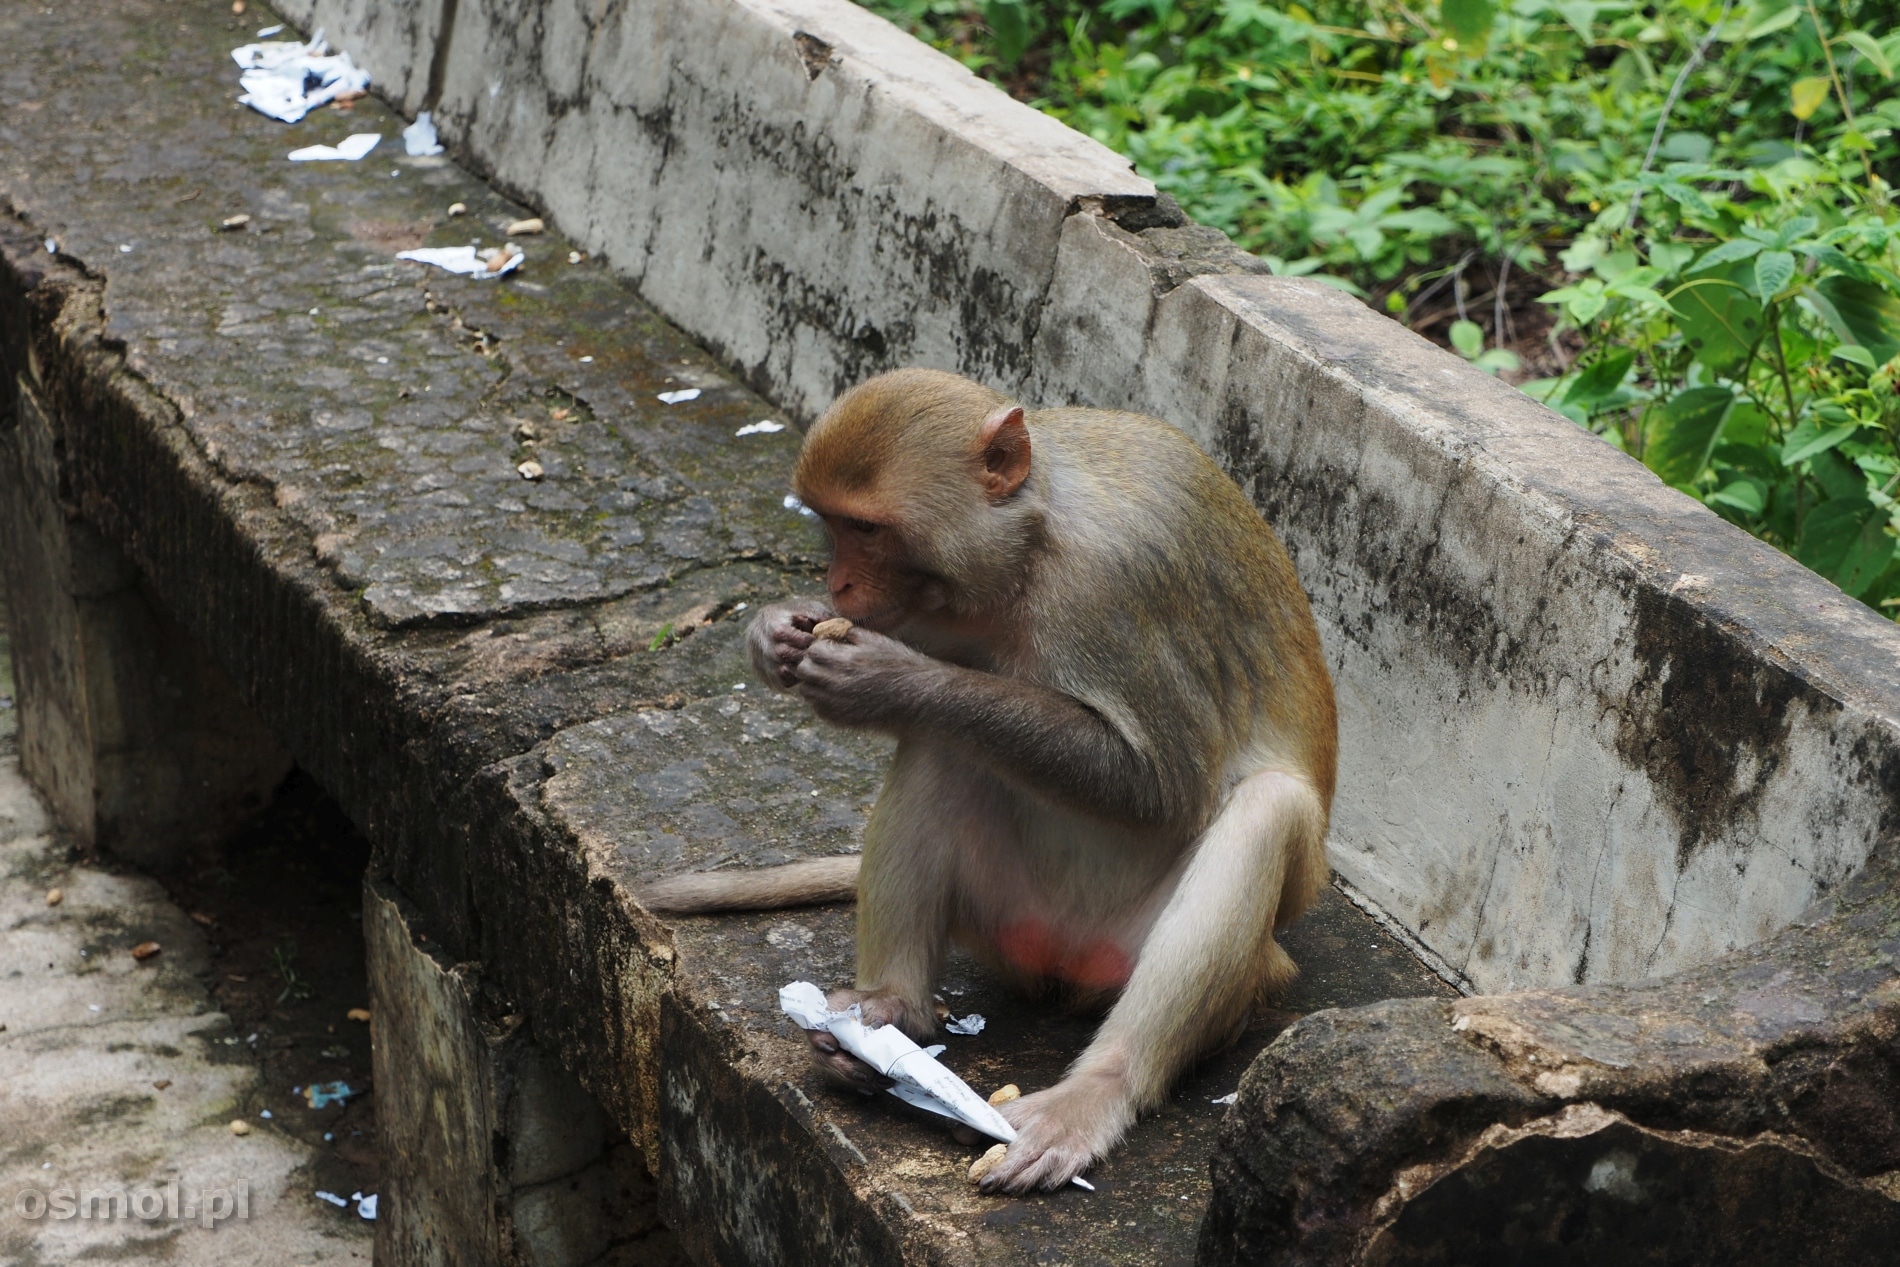 Małpy w Pho Win Daung